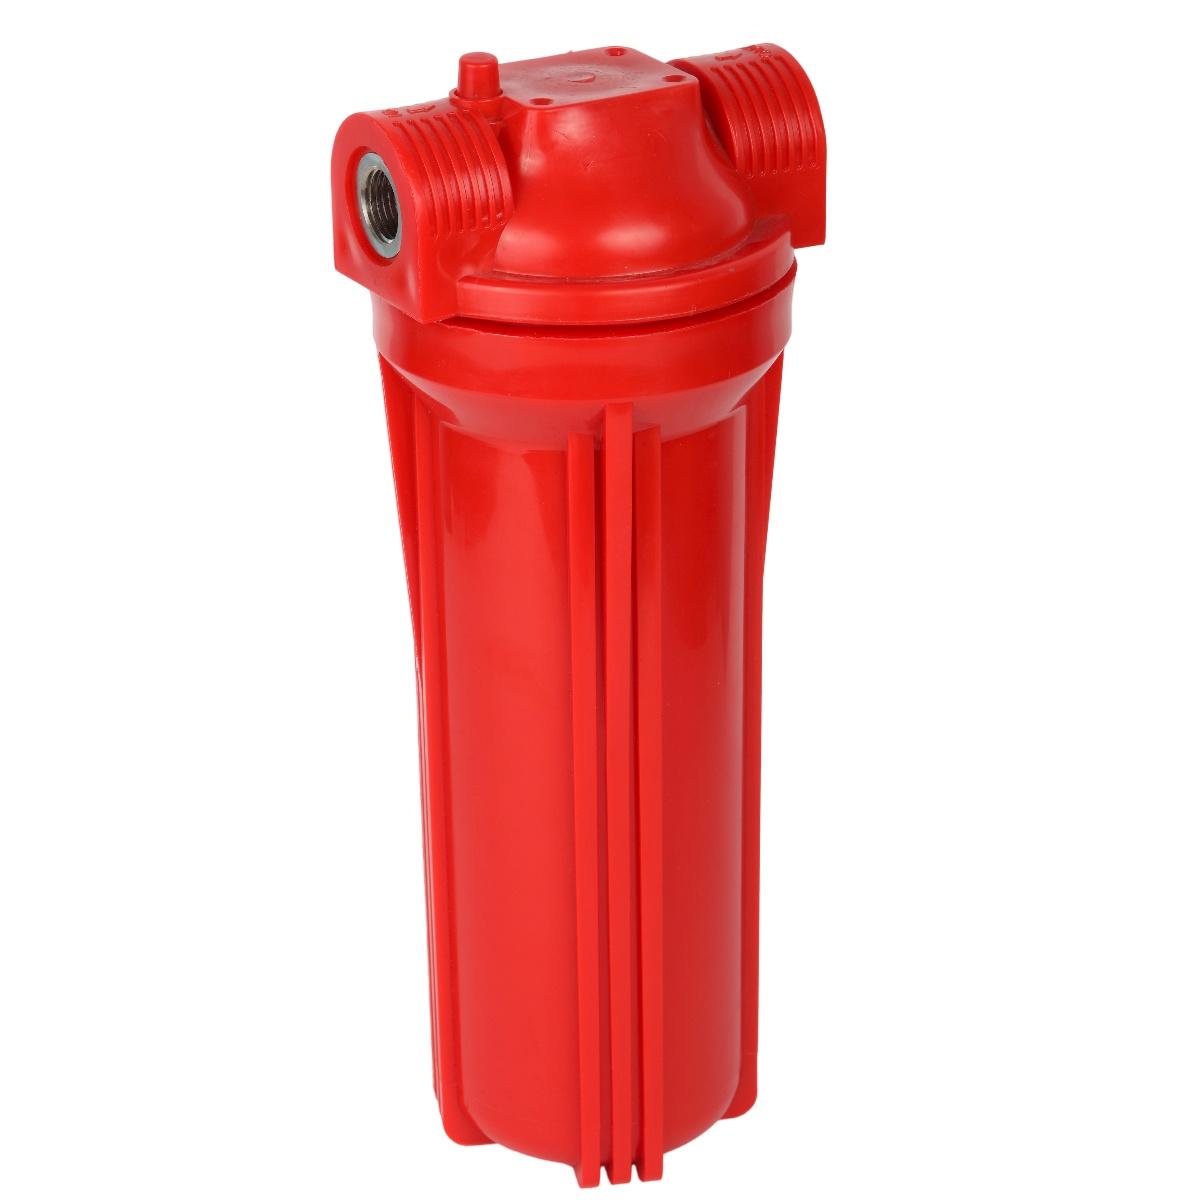 Корпус для горячей воды 10SL - резьба 3/4, с воздушным клапаном АКВАПРО 468